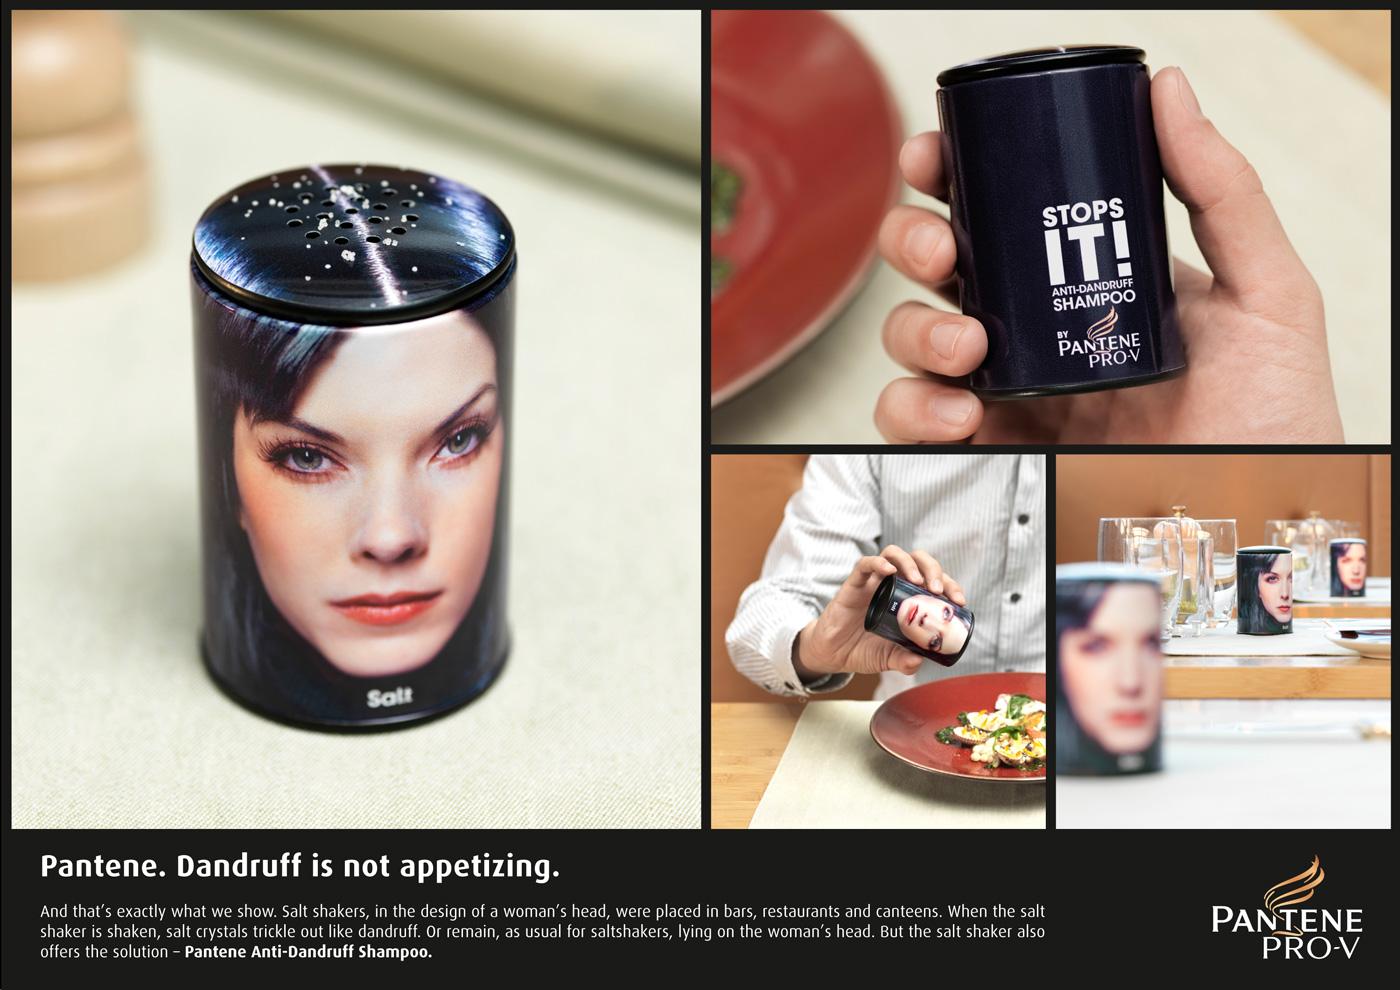 Pantene Dandruff Головастая солонка рекламирует шампунь